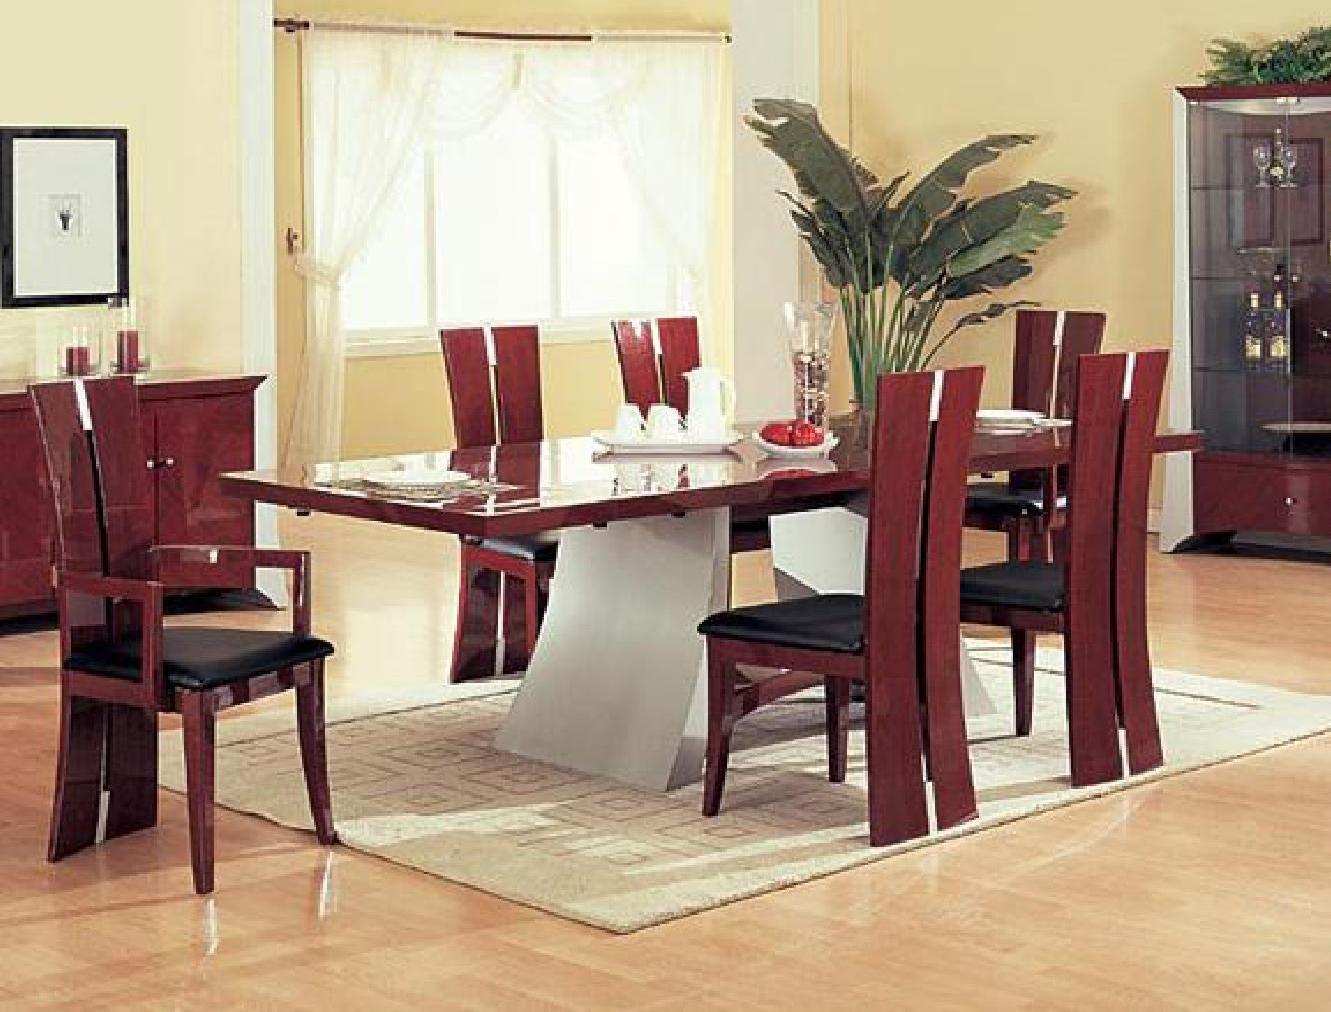 Comedores de madera modernos muebles modernos unids for Comedor de madera